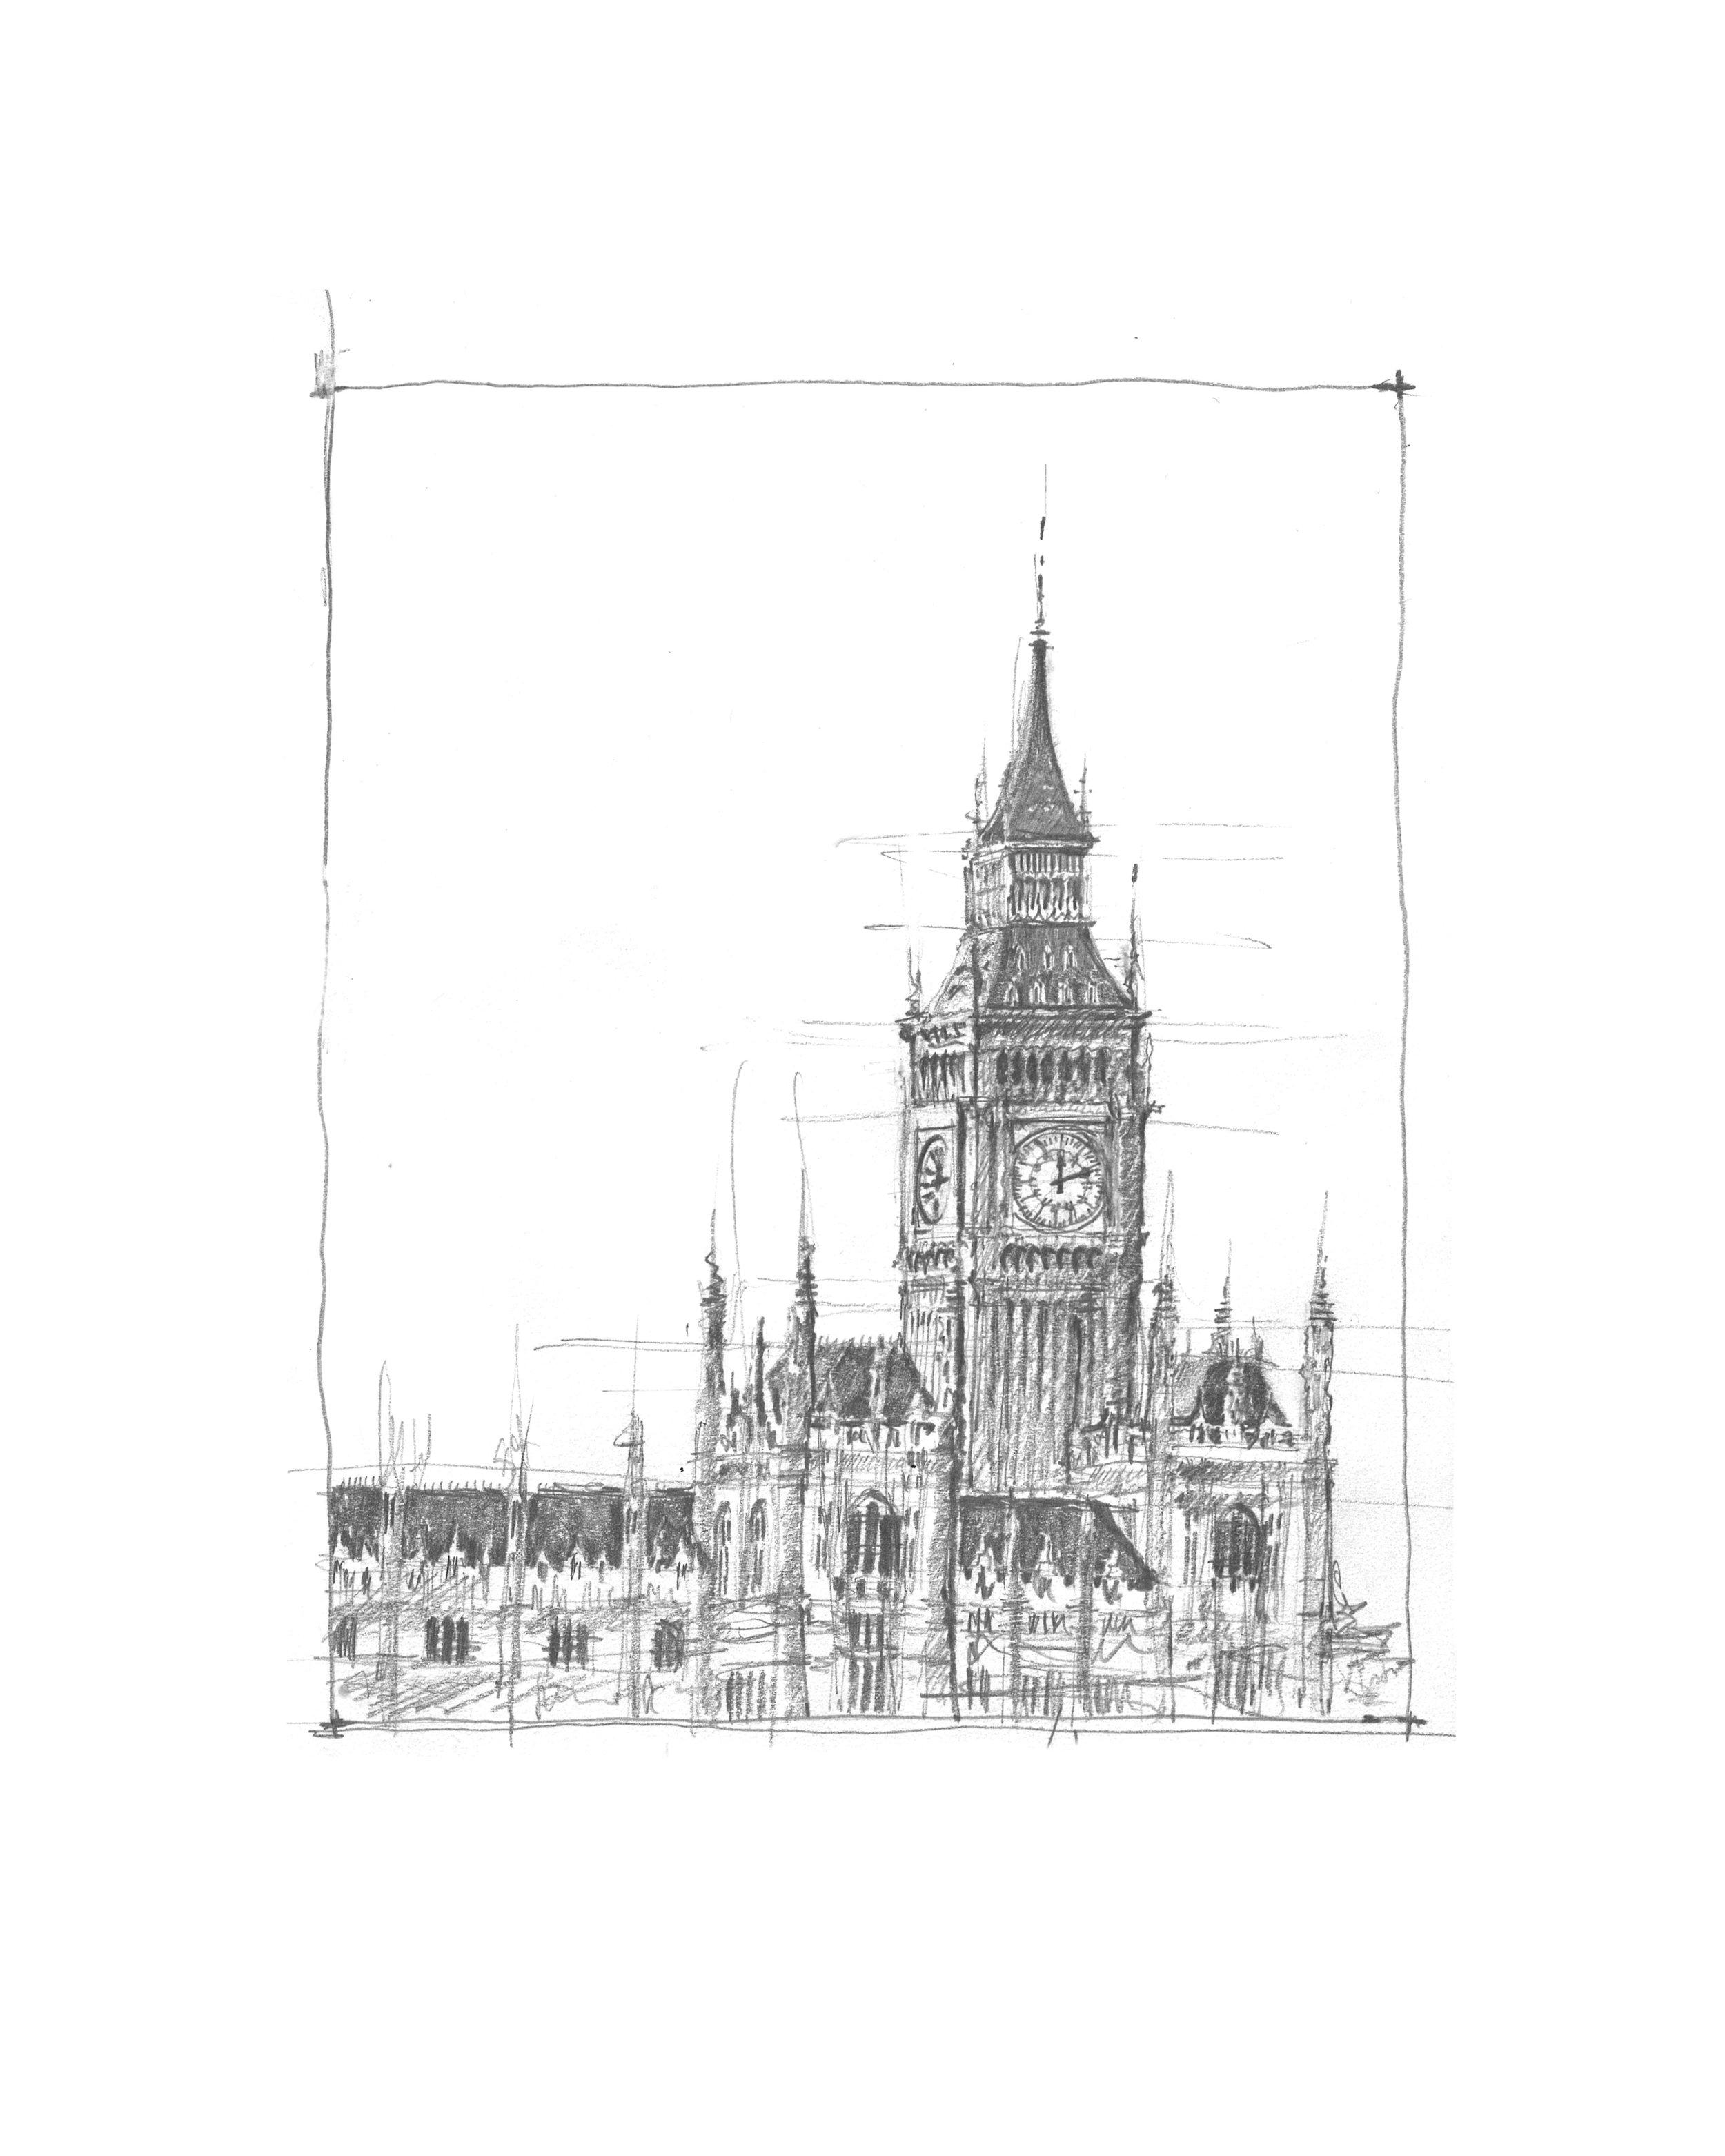 london-big ben-2.jpg